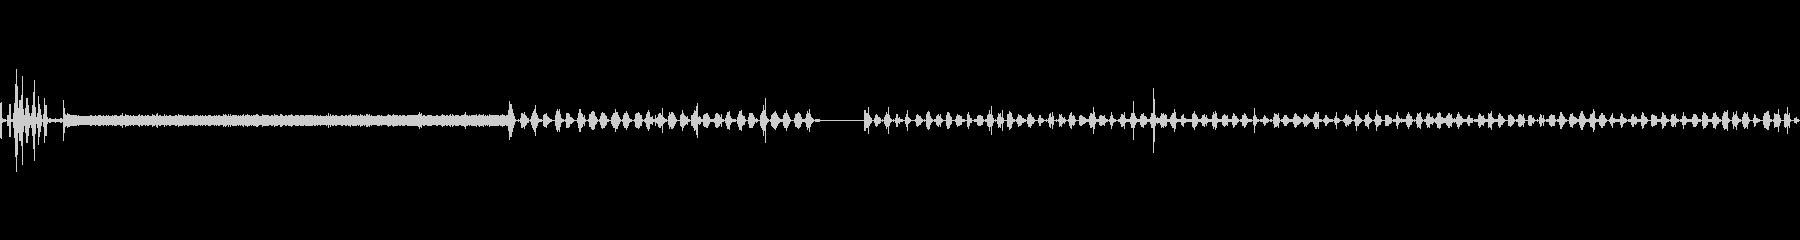 洗濯機作動音の未再生の波形